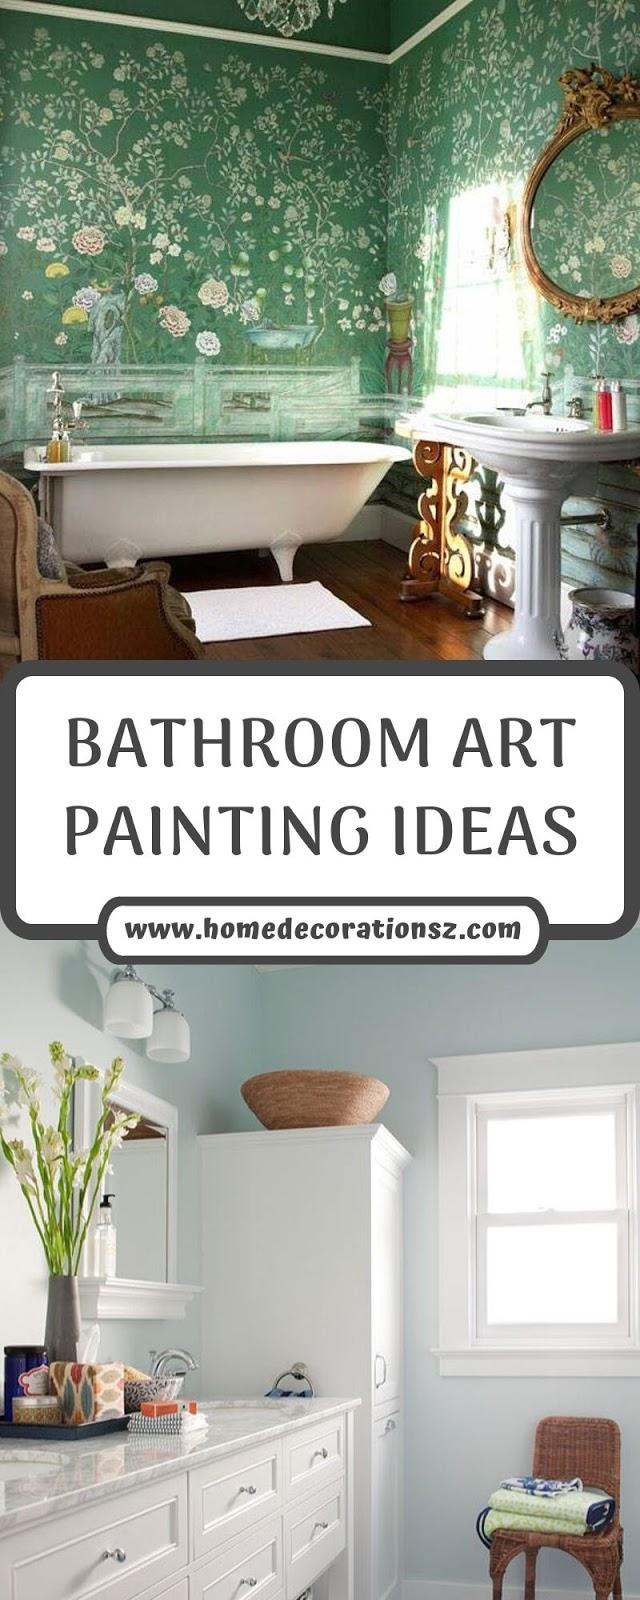 BATHROOM ART PAINTING IDEAS